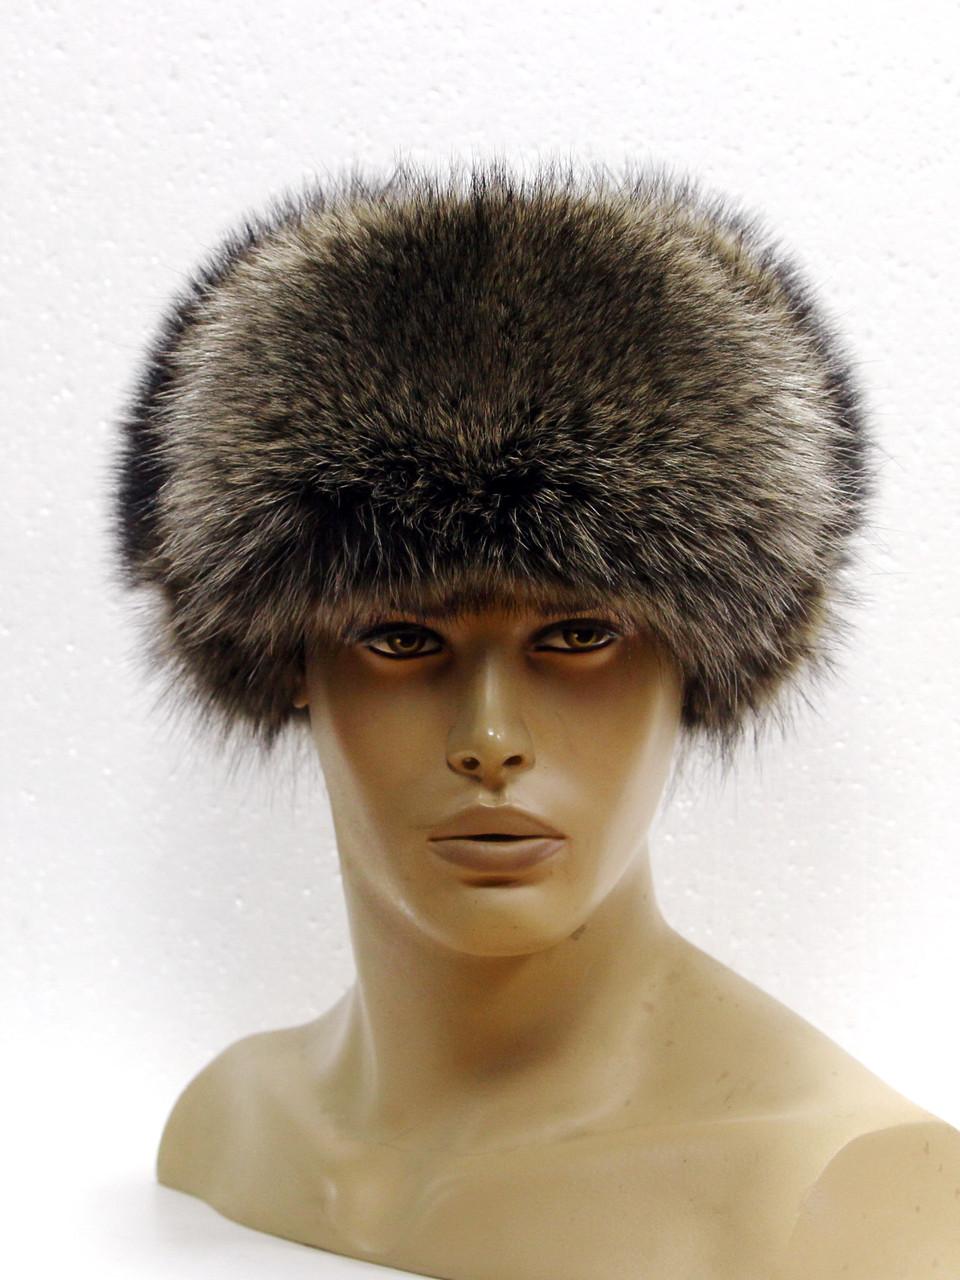 Меховая шапка ушанка мужская из Енота(нат) - Меховые шапки 658cd259aa357